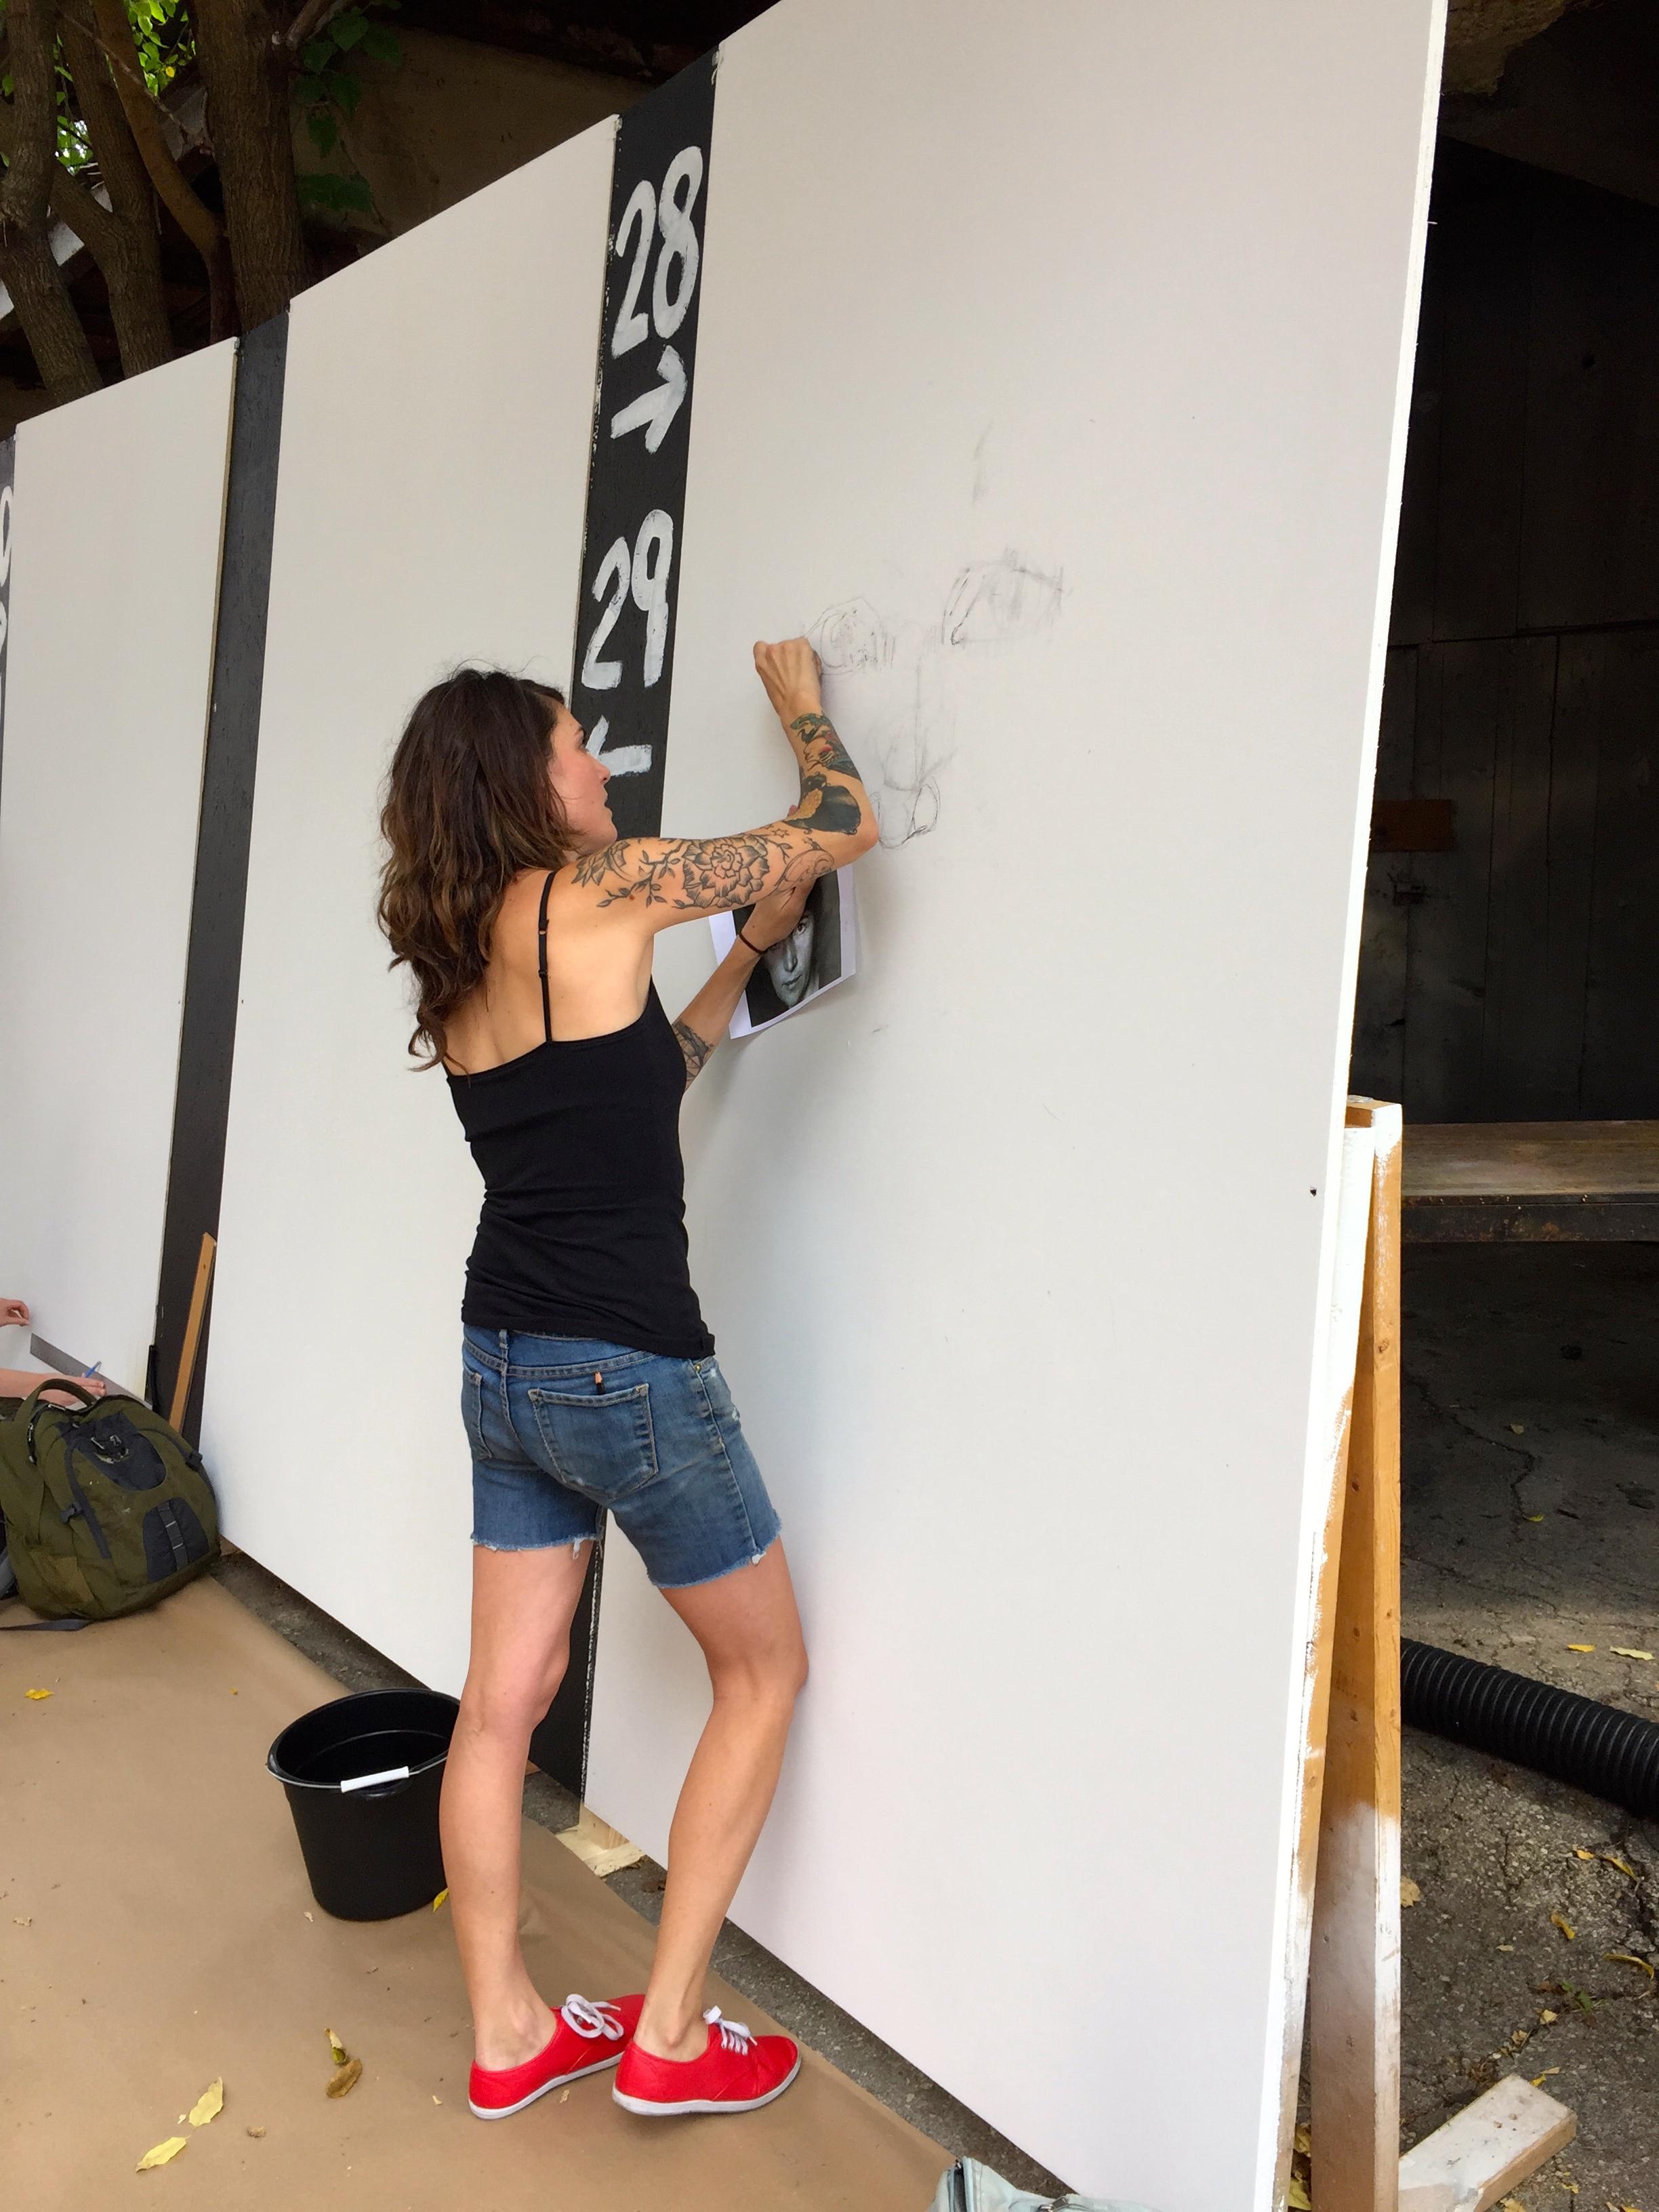 An artist at Urban Scrawl 2015